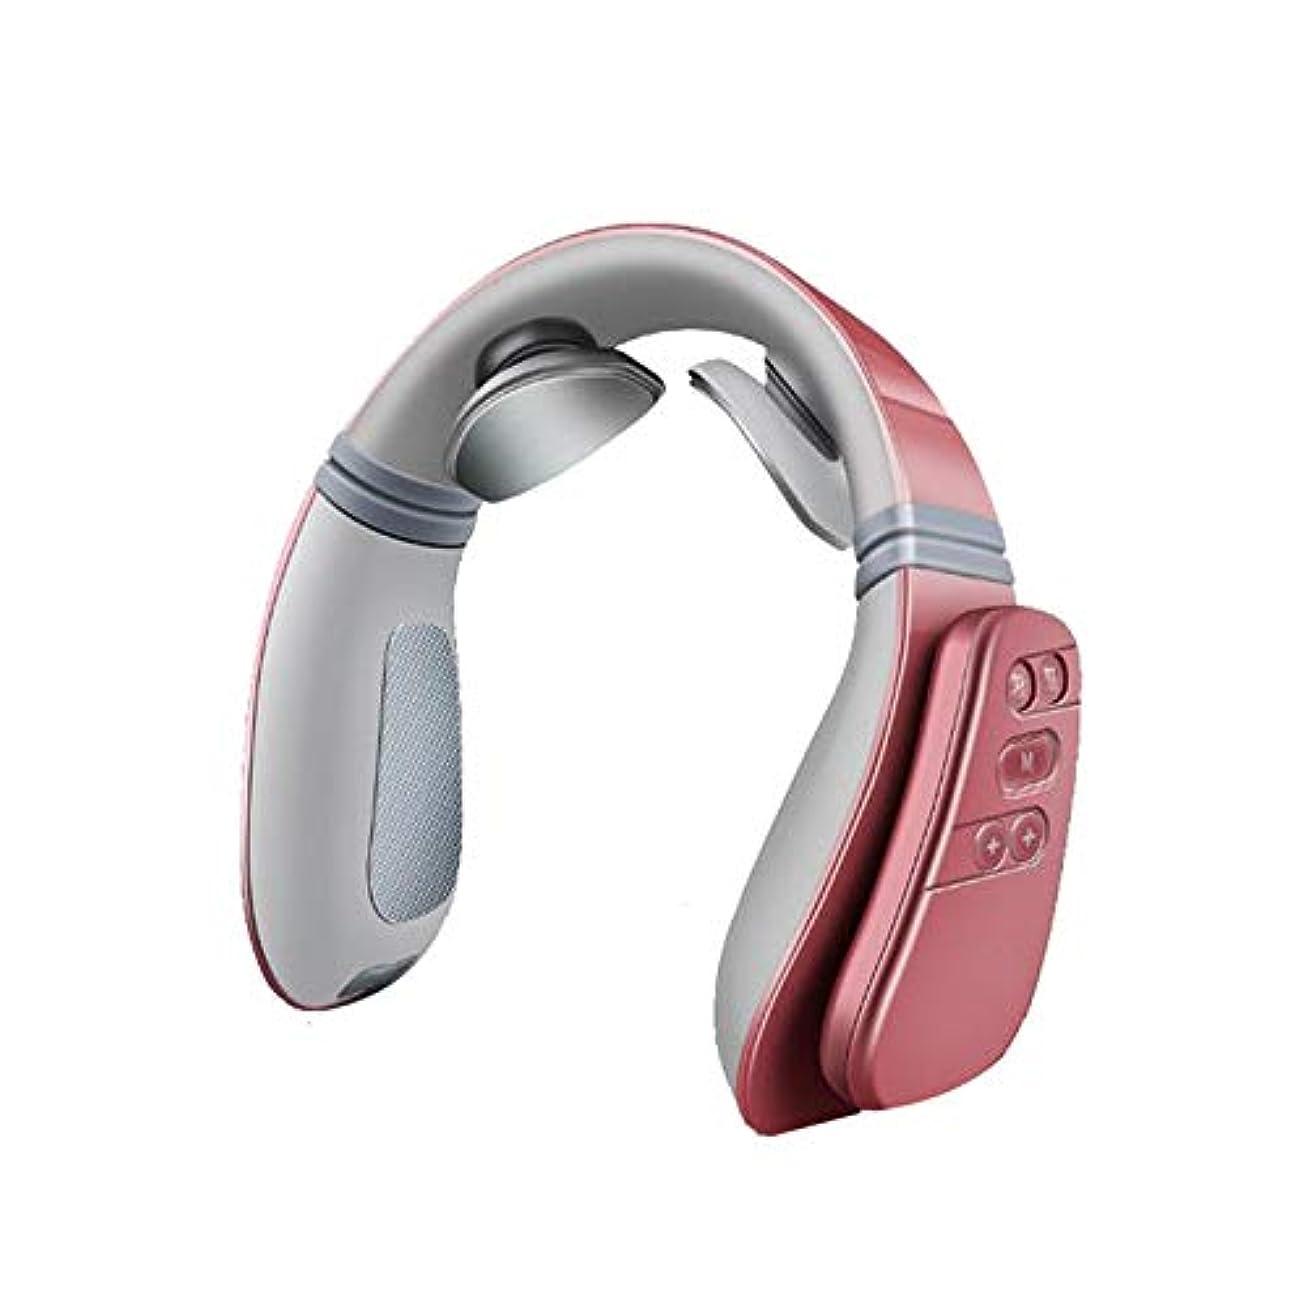 アッティカス西部ゴネリル首のマッサージャーの指圧の深いティッシュの首のための携帯用一定の温度の熱い湿布は筋肉苦痛を取り除きます